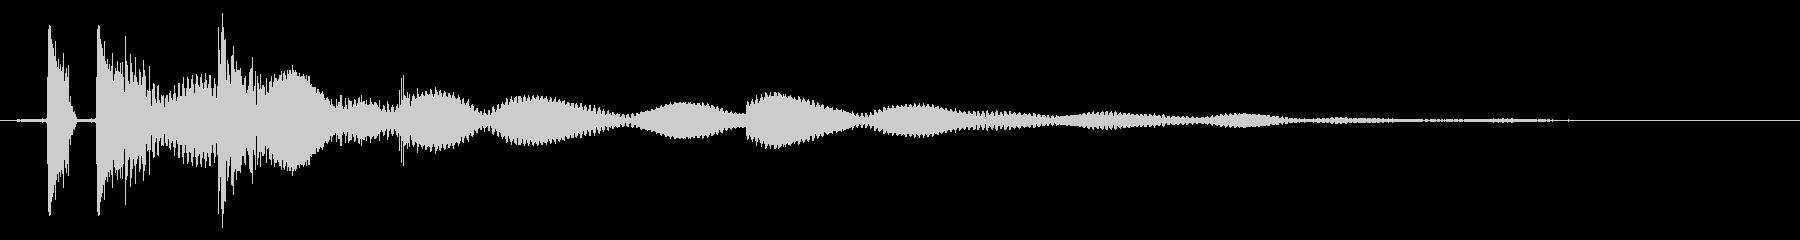 タッチ決定クリック、ボタン音に最適02!の未再生の波形